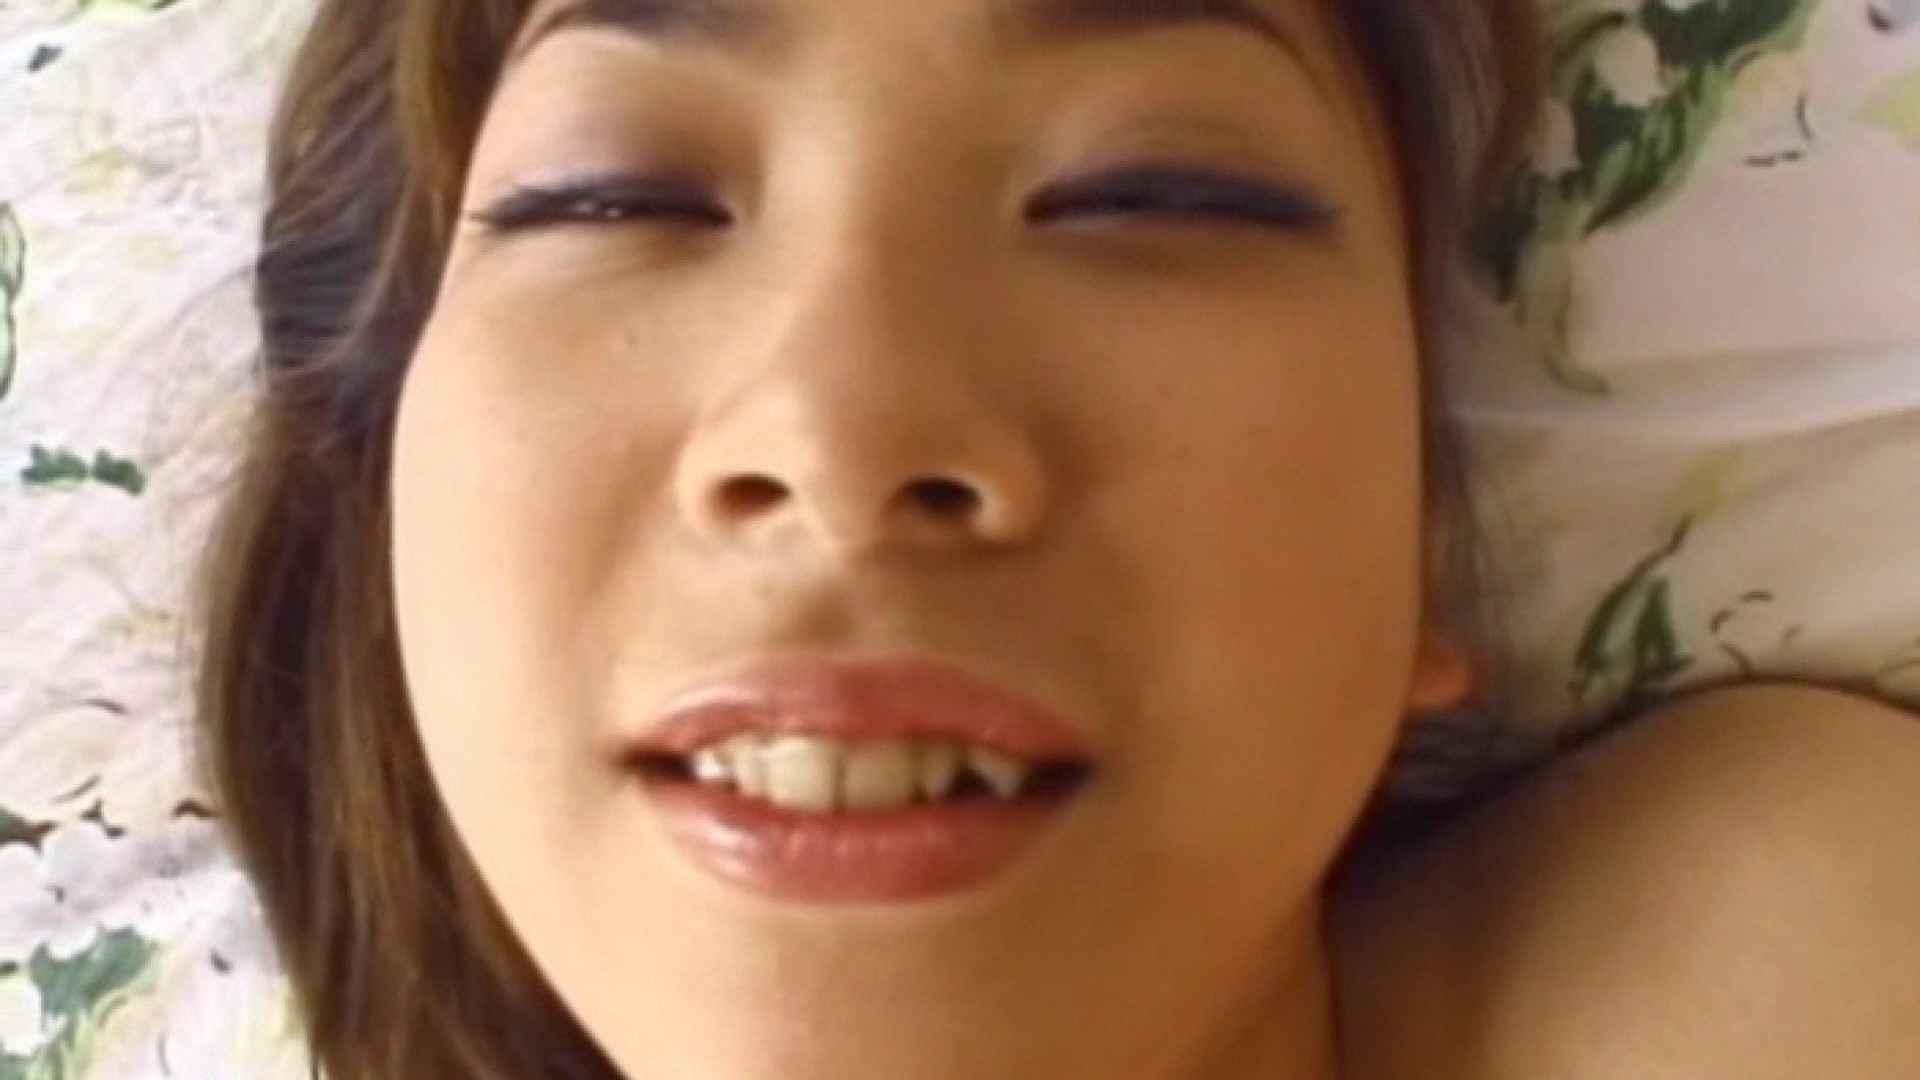 おしえてギャル子のH塾 Vol.14 前編 フェチ エロ画像 80pic 39